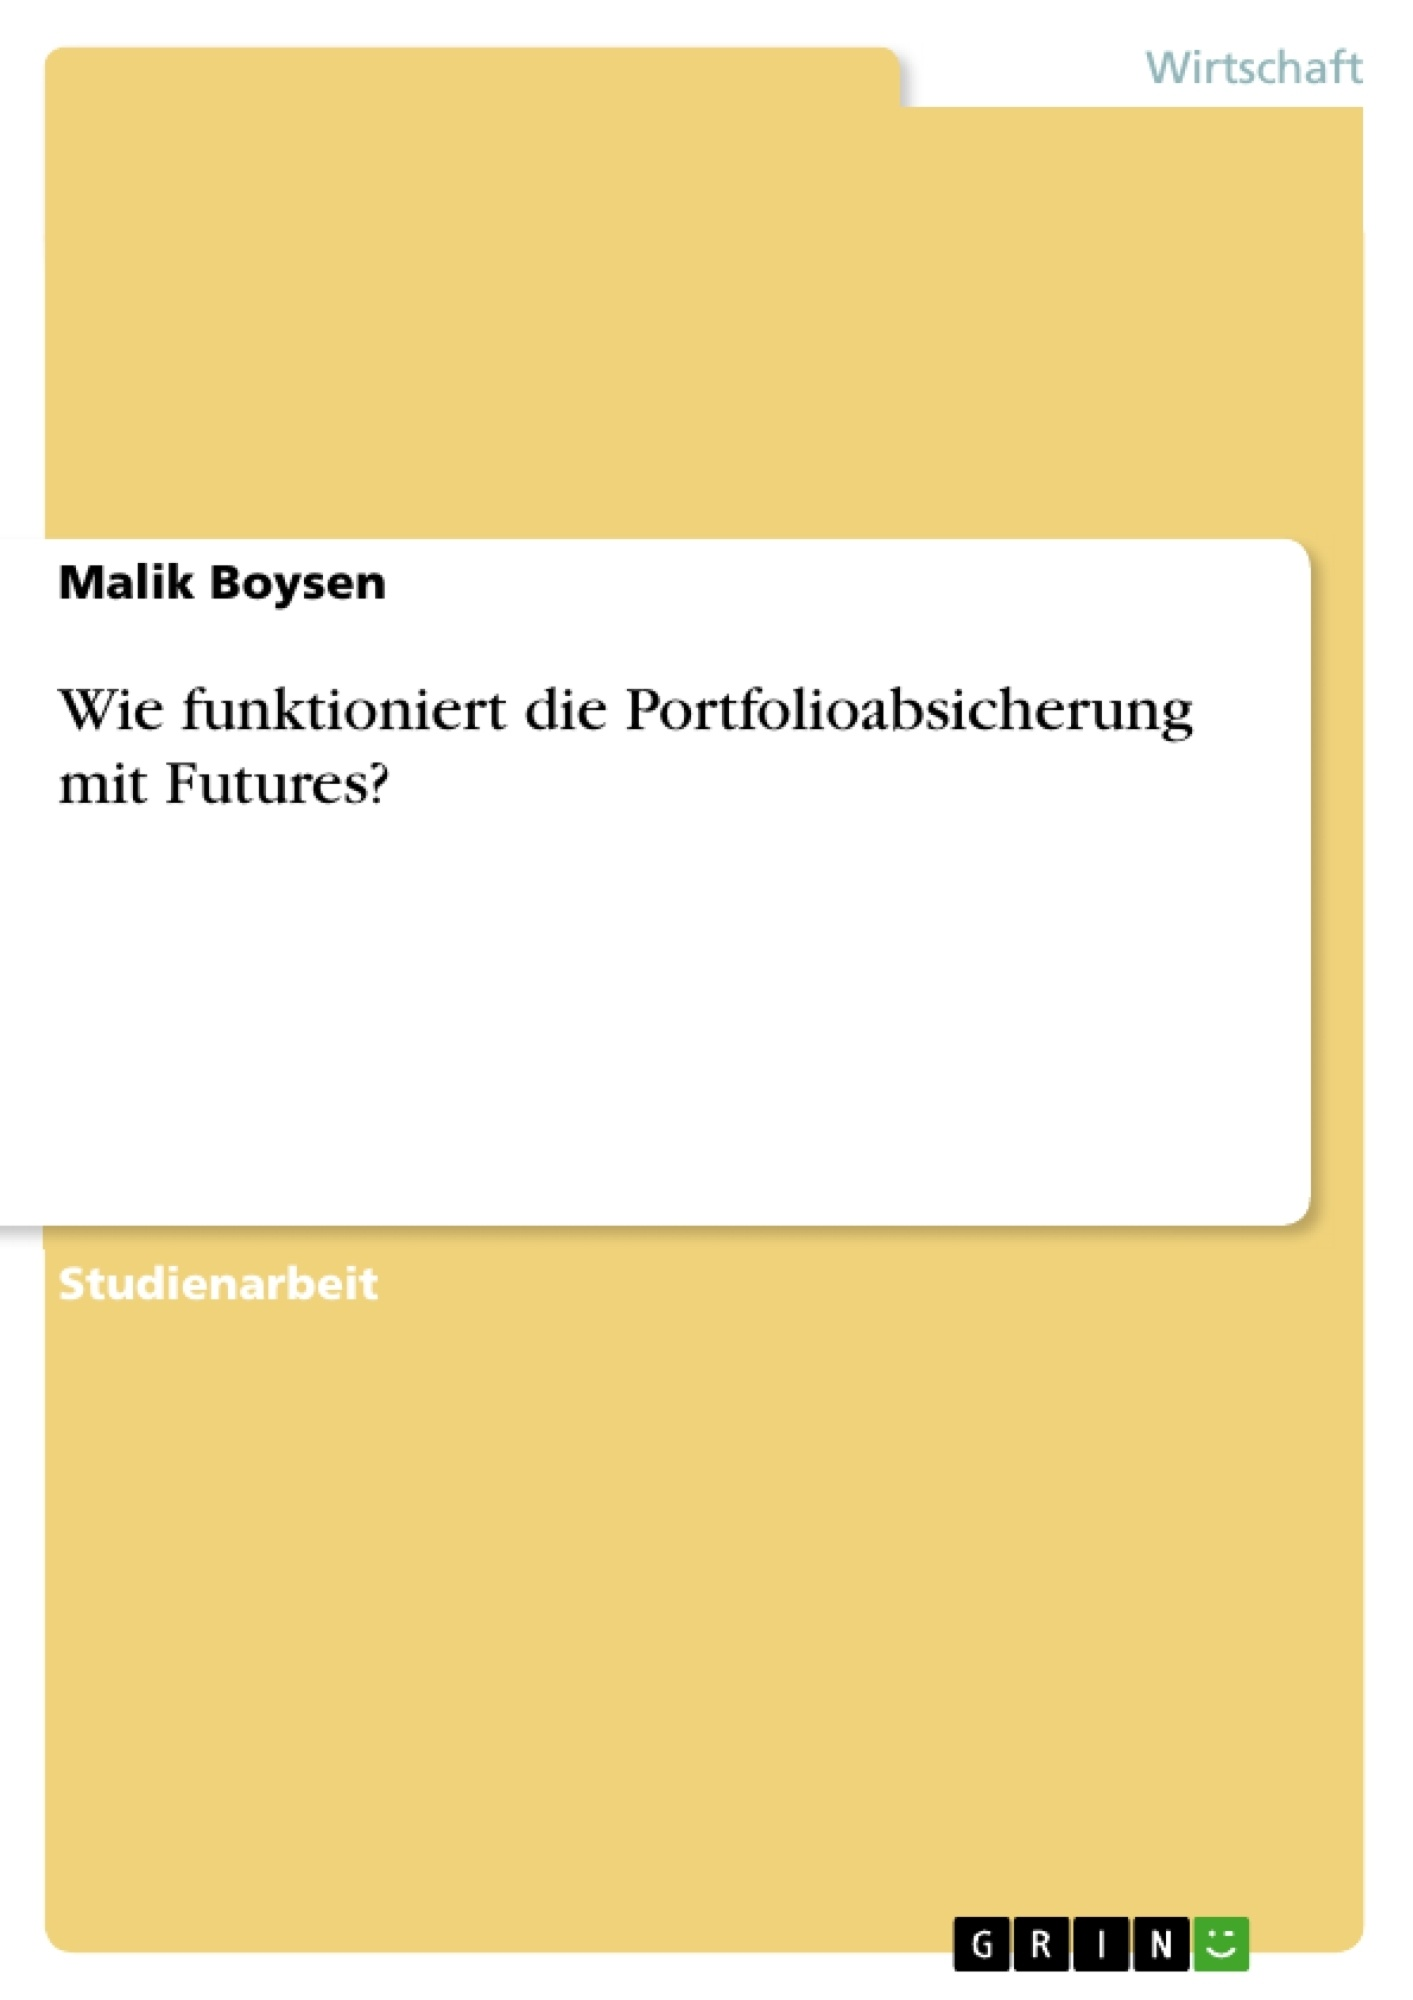 Titel: Wie funktioniert die Portfolioabsicherung mit Futures?